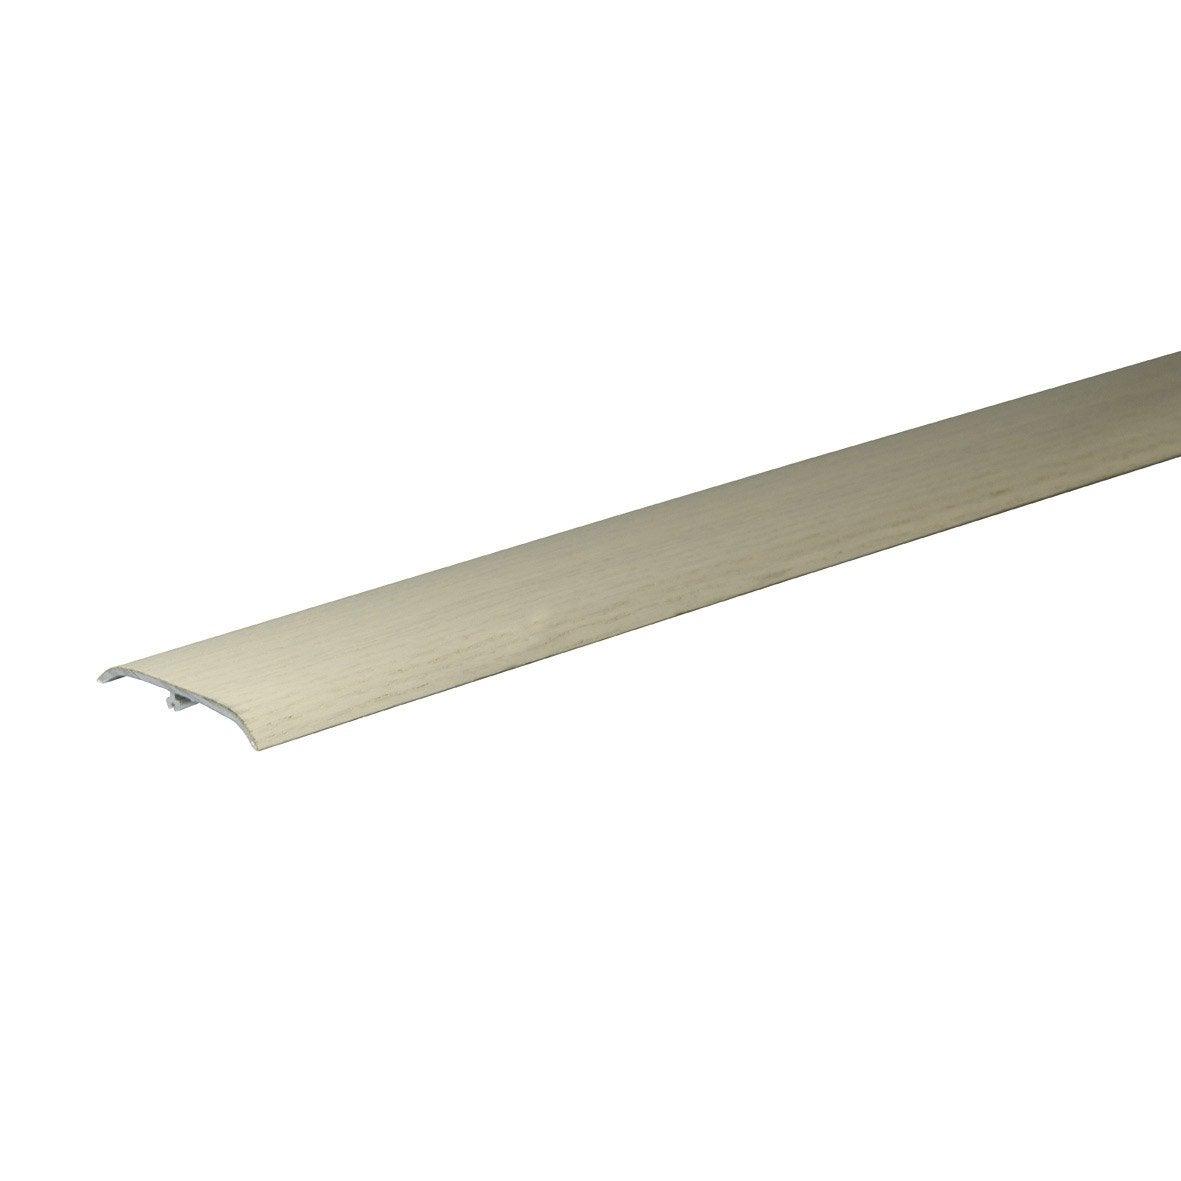 barre de seuil plaquée chêne polaire pour parquet, l.83 cm x l.47 mm